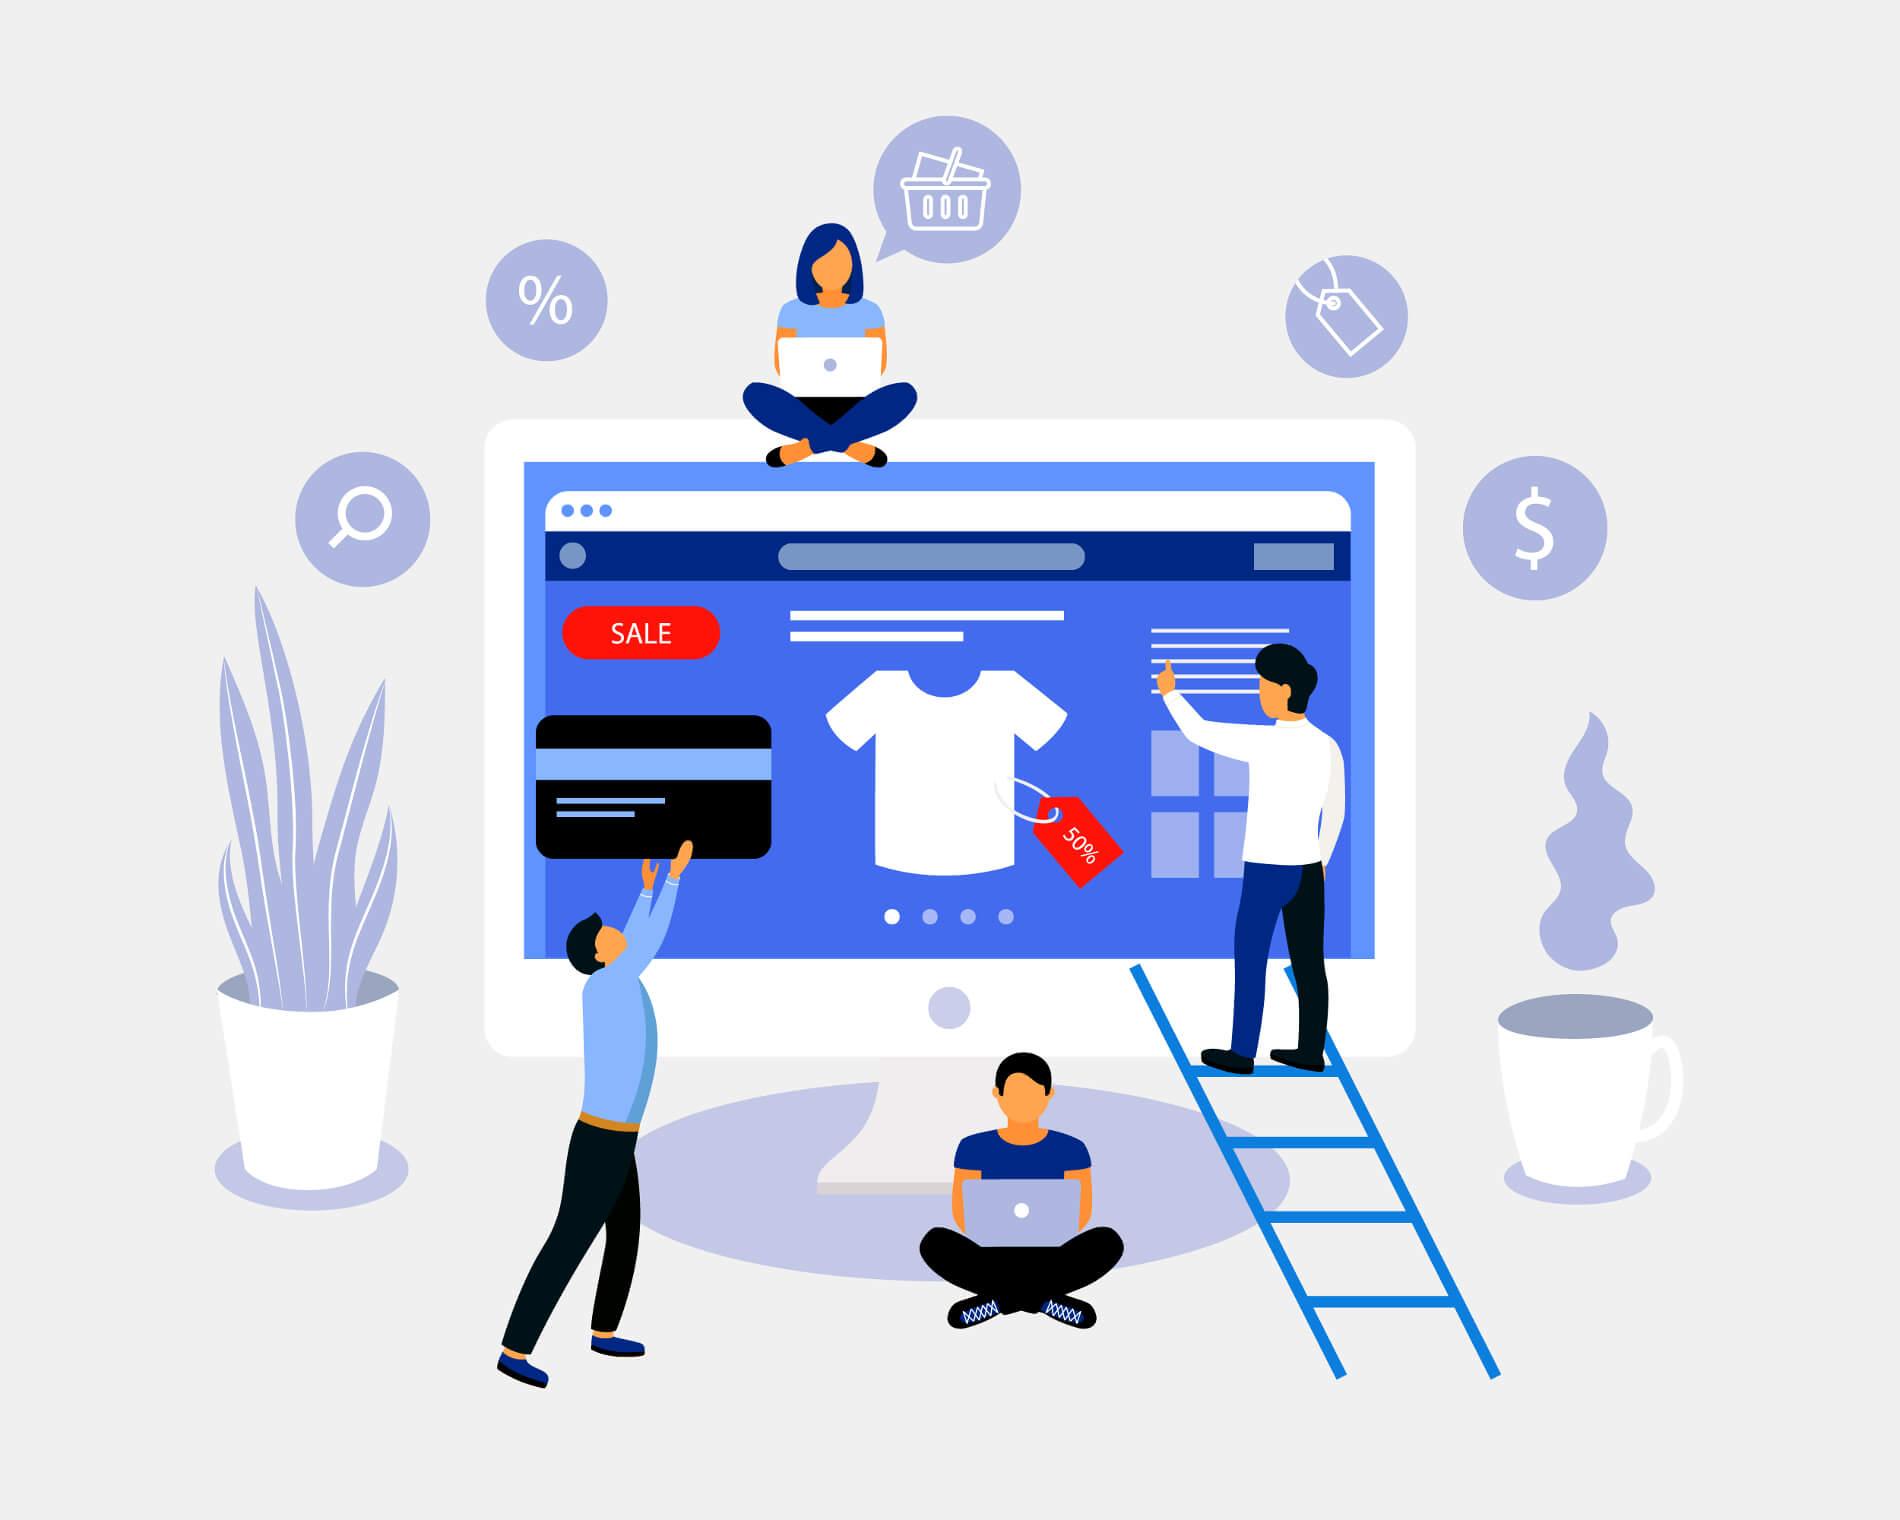 Dlaczego internetowi sprzedawcy pragną być niezależni od marketplaces? Wysokie prowizje operatorów to tylko jeden z powodów